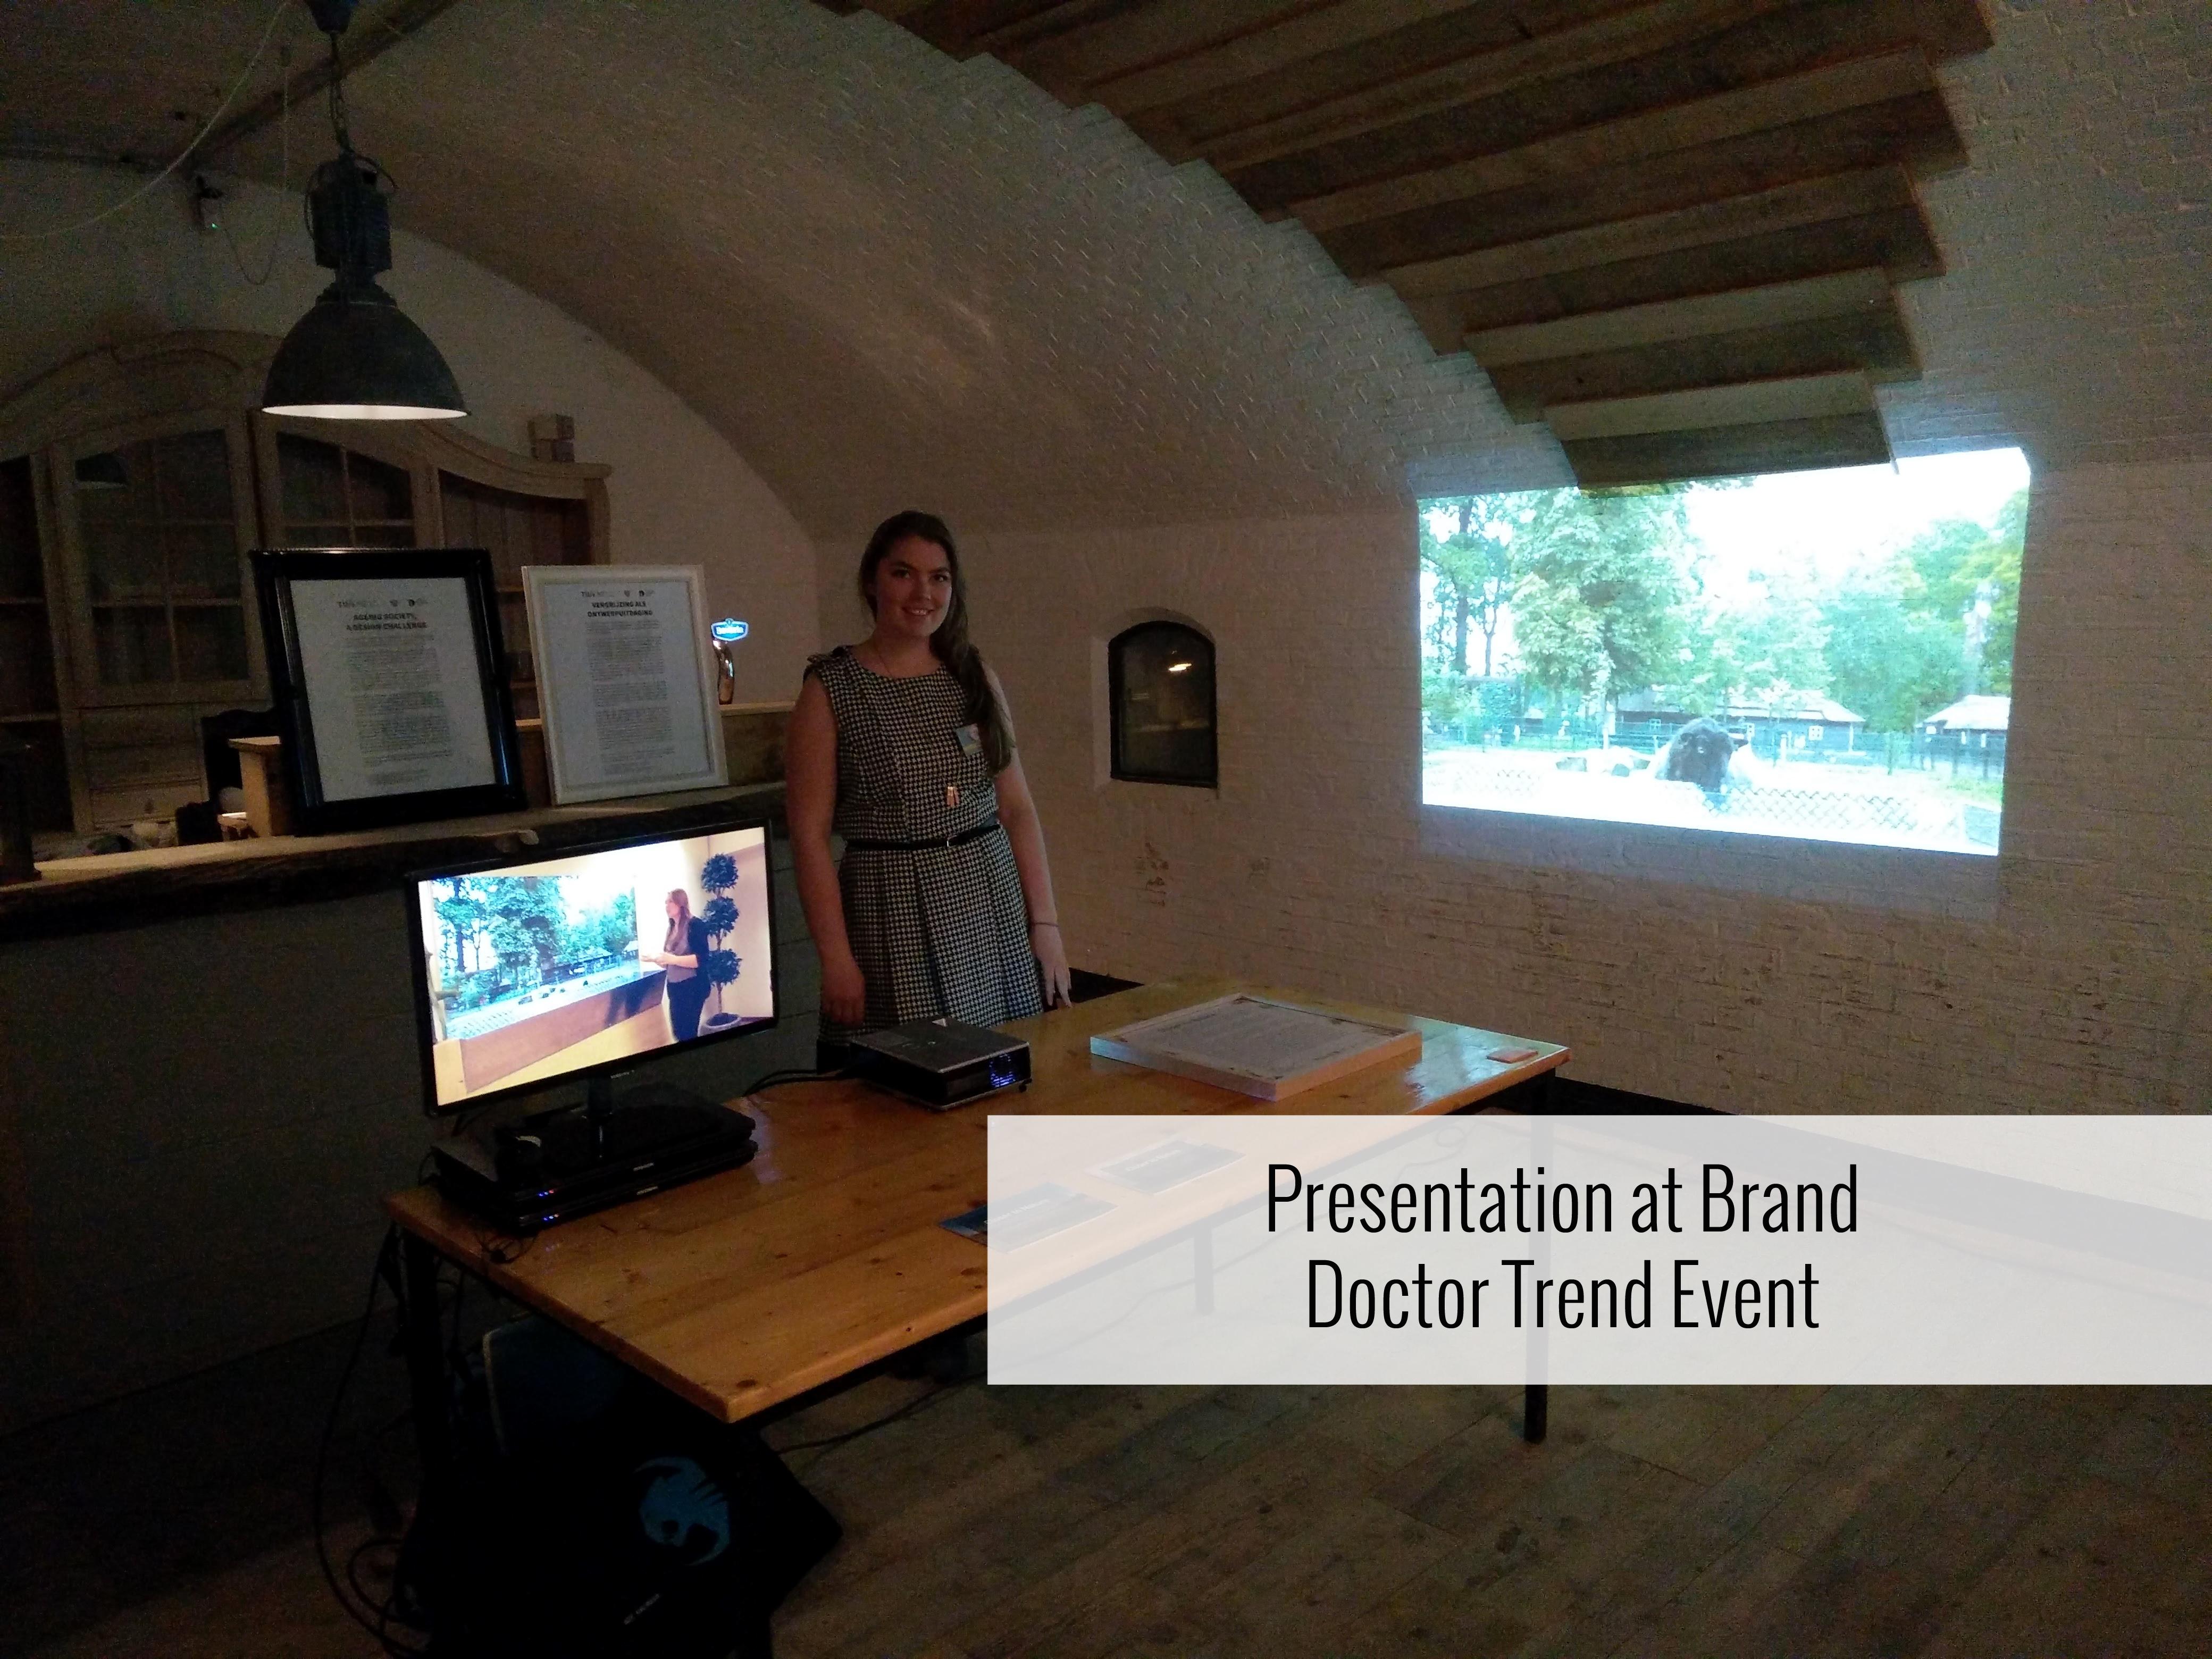 Branddoctors trend event